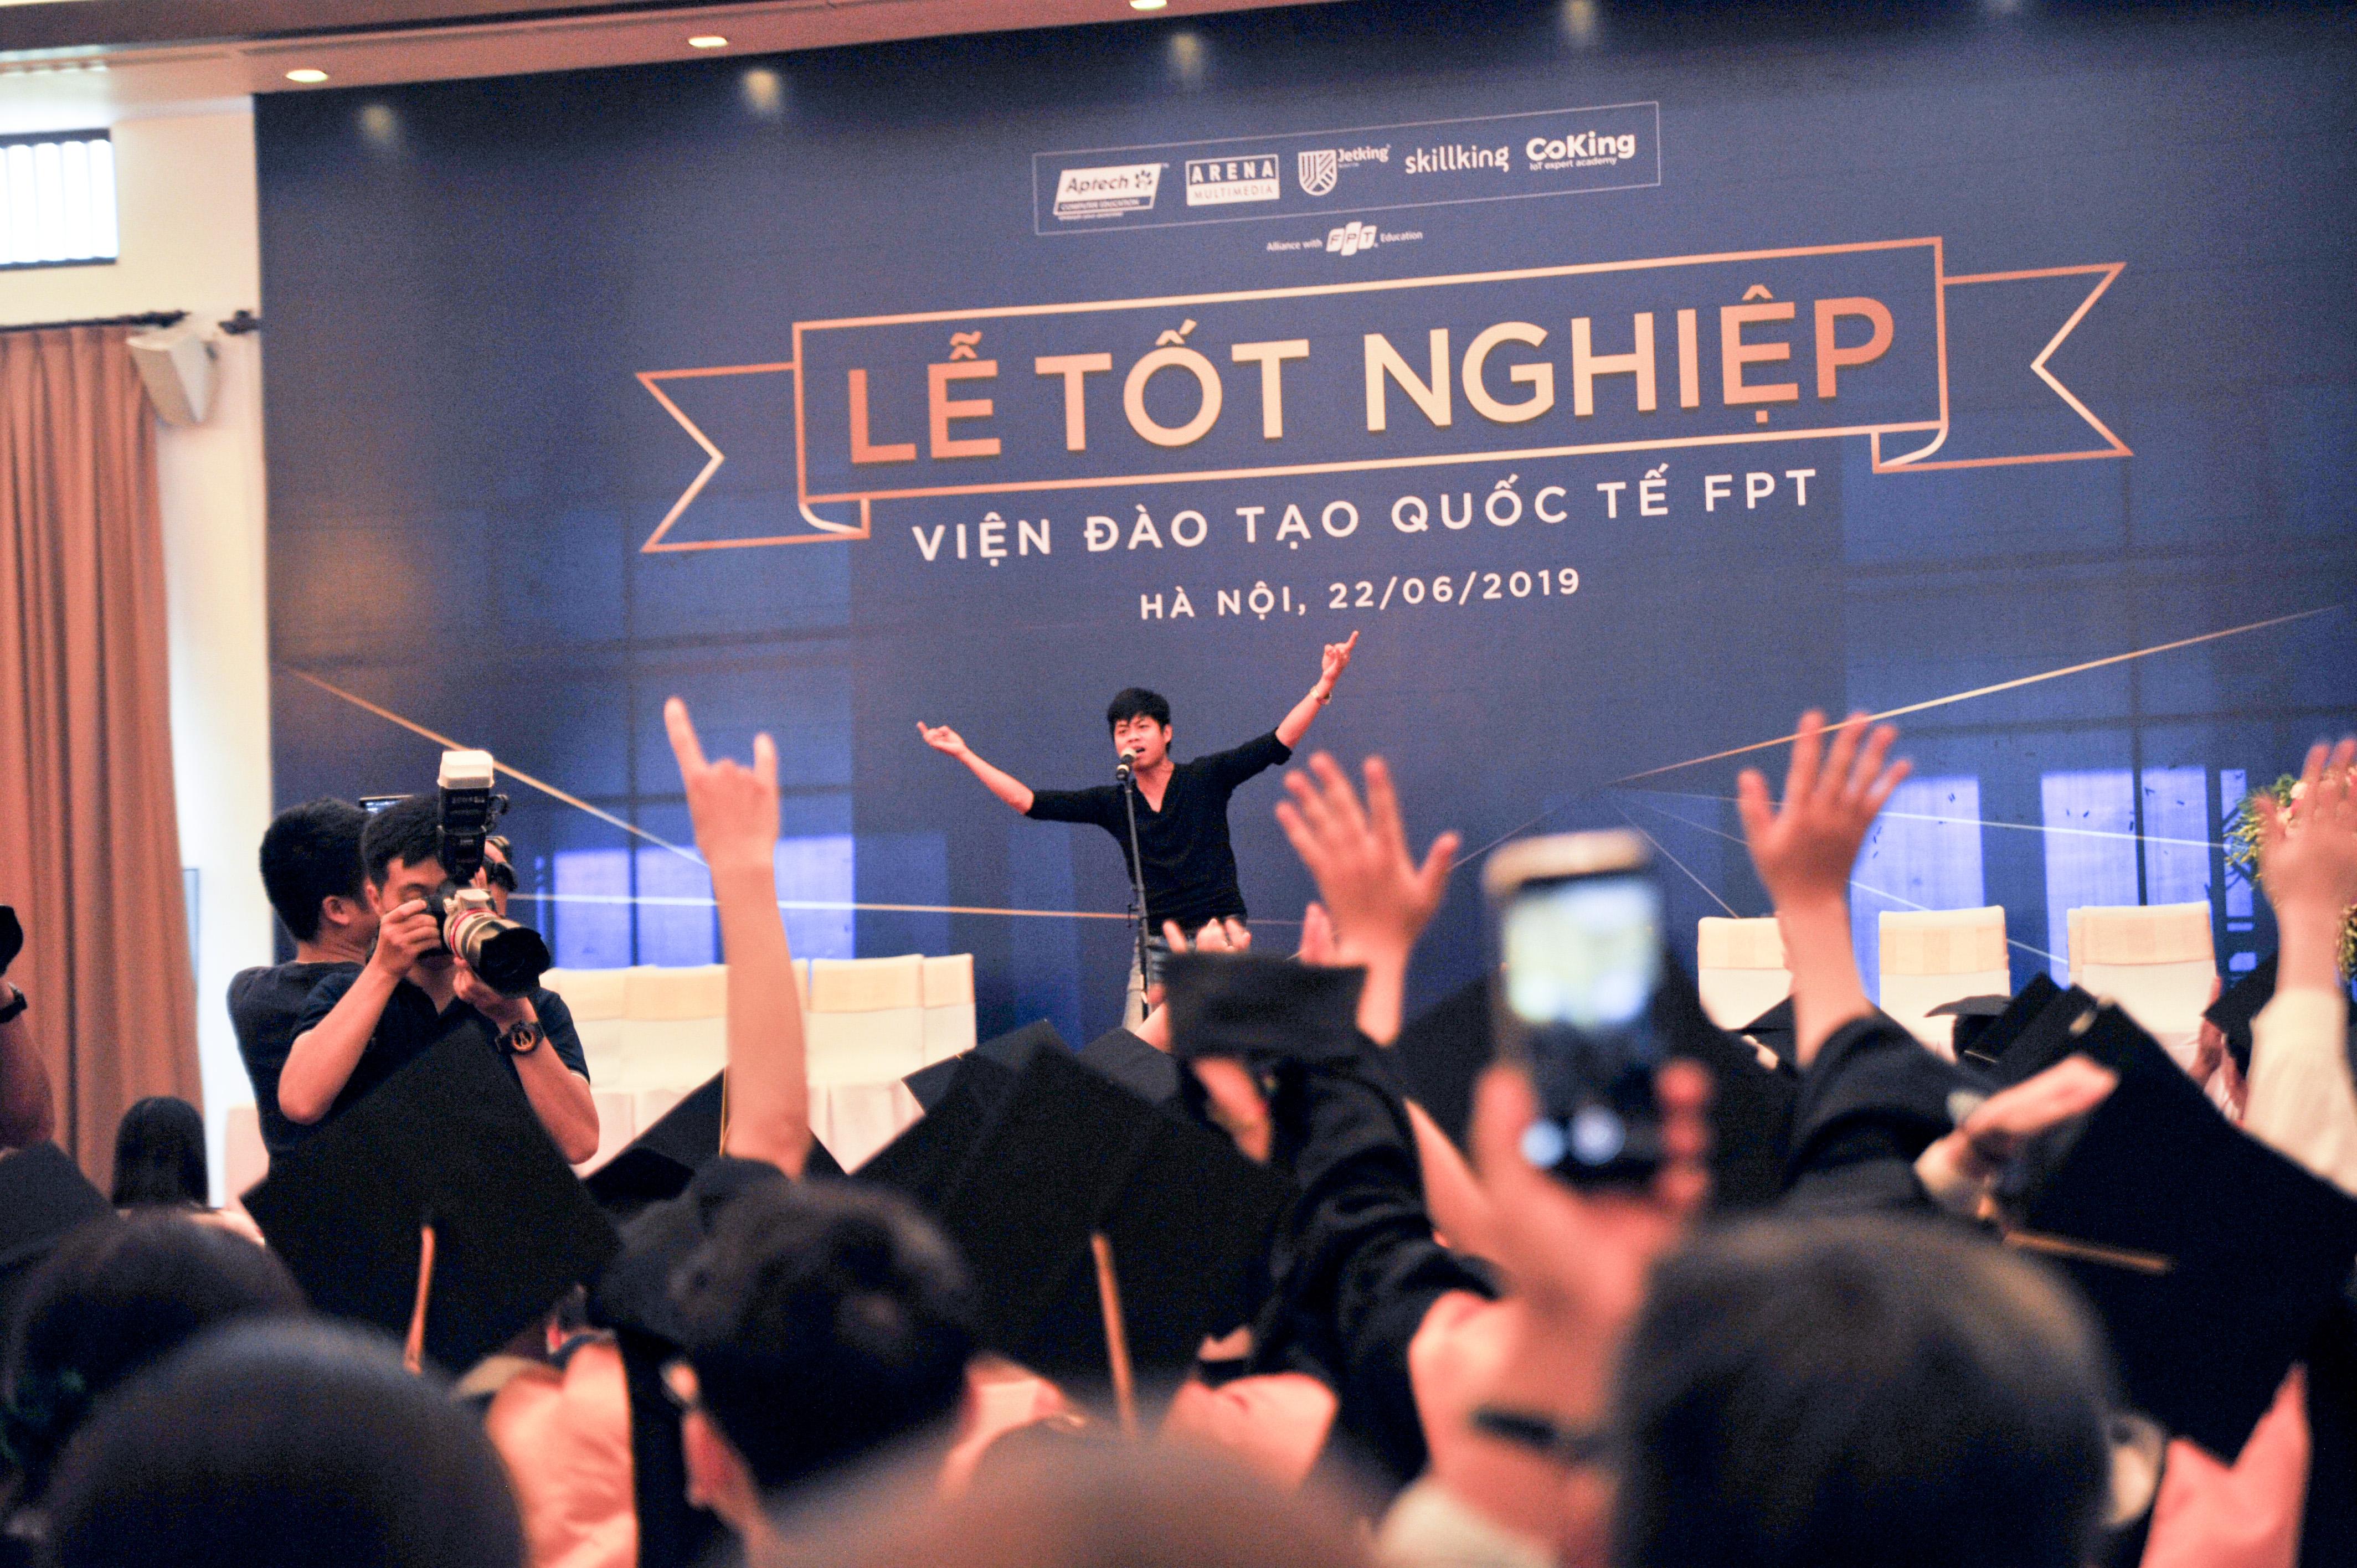 Cựu sinh viên Lê Đại Dương xuất hiện trên sân khấu và khuấy động không khí với những bản nhạc rock quen thuộc của nhóm Bức Tường.Anh Dương dành thời gian chia sẻ kỷ niệm thời còn đi học của mình và anh tin rằng FAI là sự lựa chọn chính xác của cuộc đời mình.